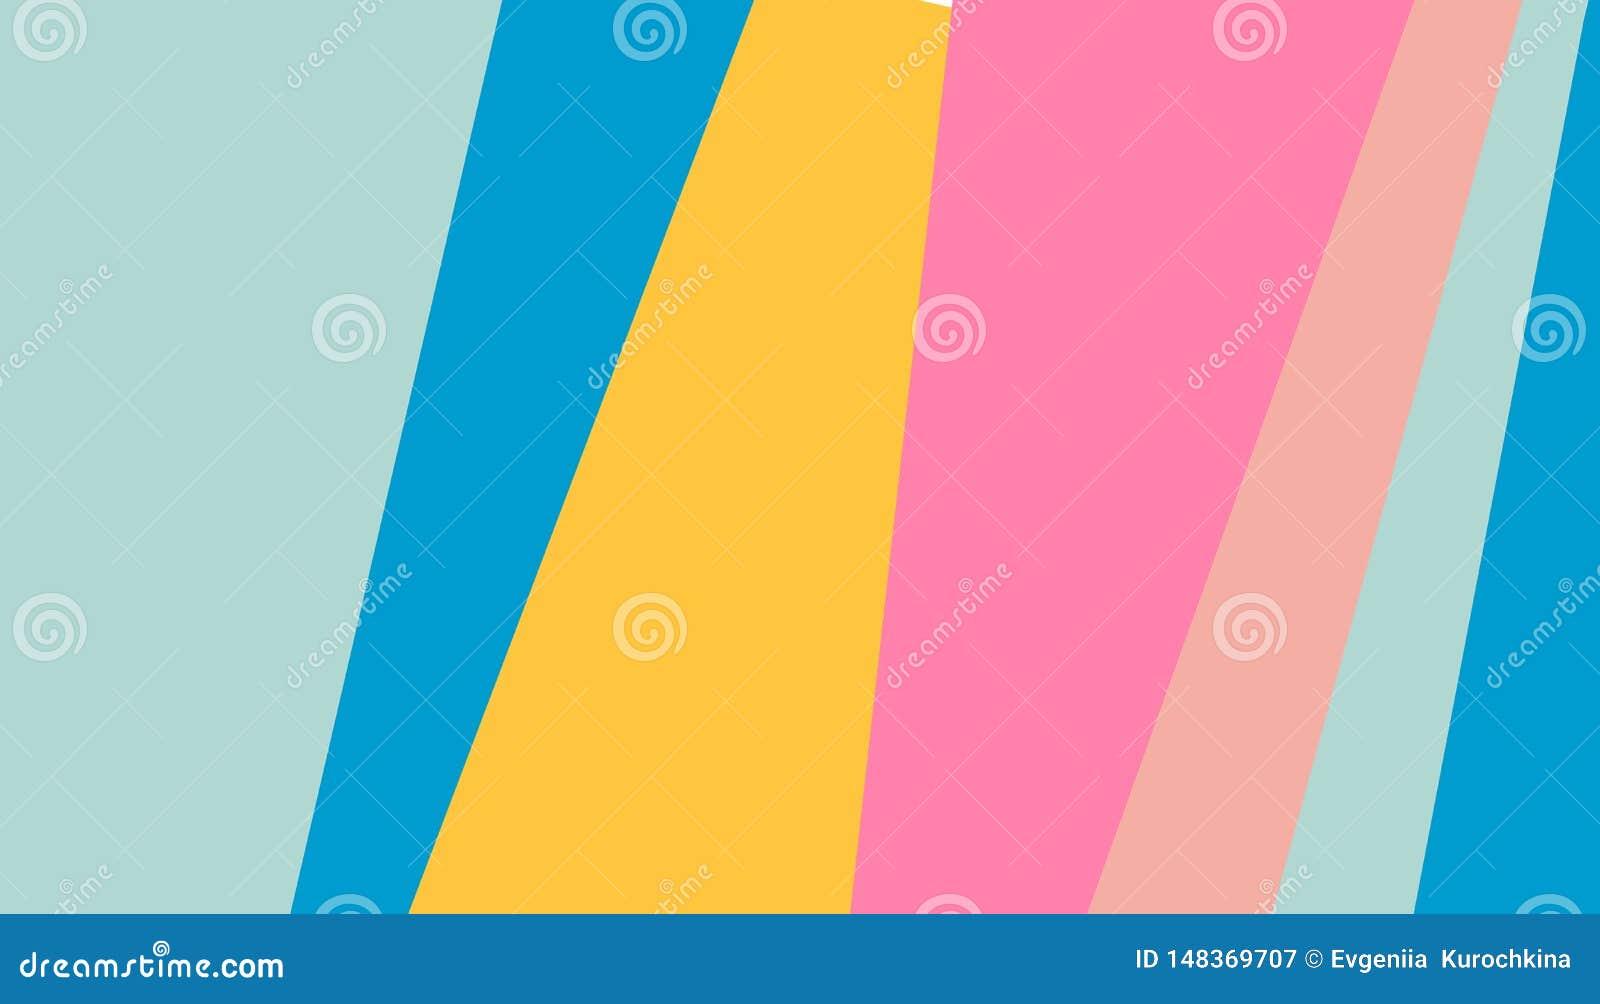 Αφηρημένο υπόβαθρο λωρίδων σχεδίων φωτεινό χρωματισμένο για το σχέδιο κάλυψης Διανυσματικό πρότυπο σχεδίου για το ιπτάμενο, φυλλά